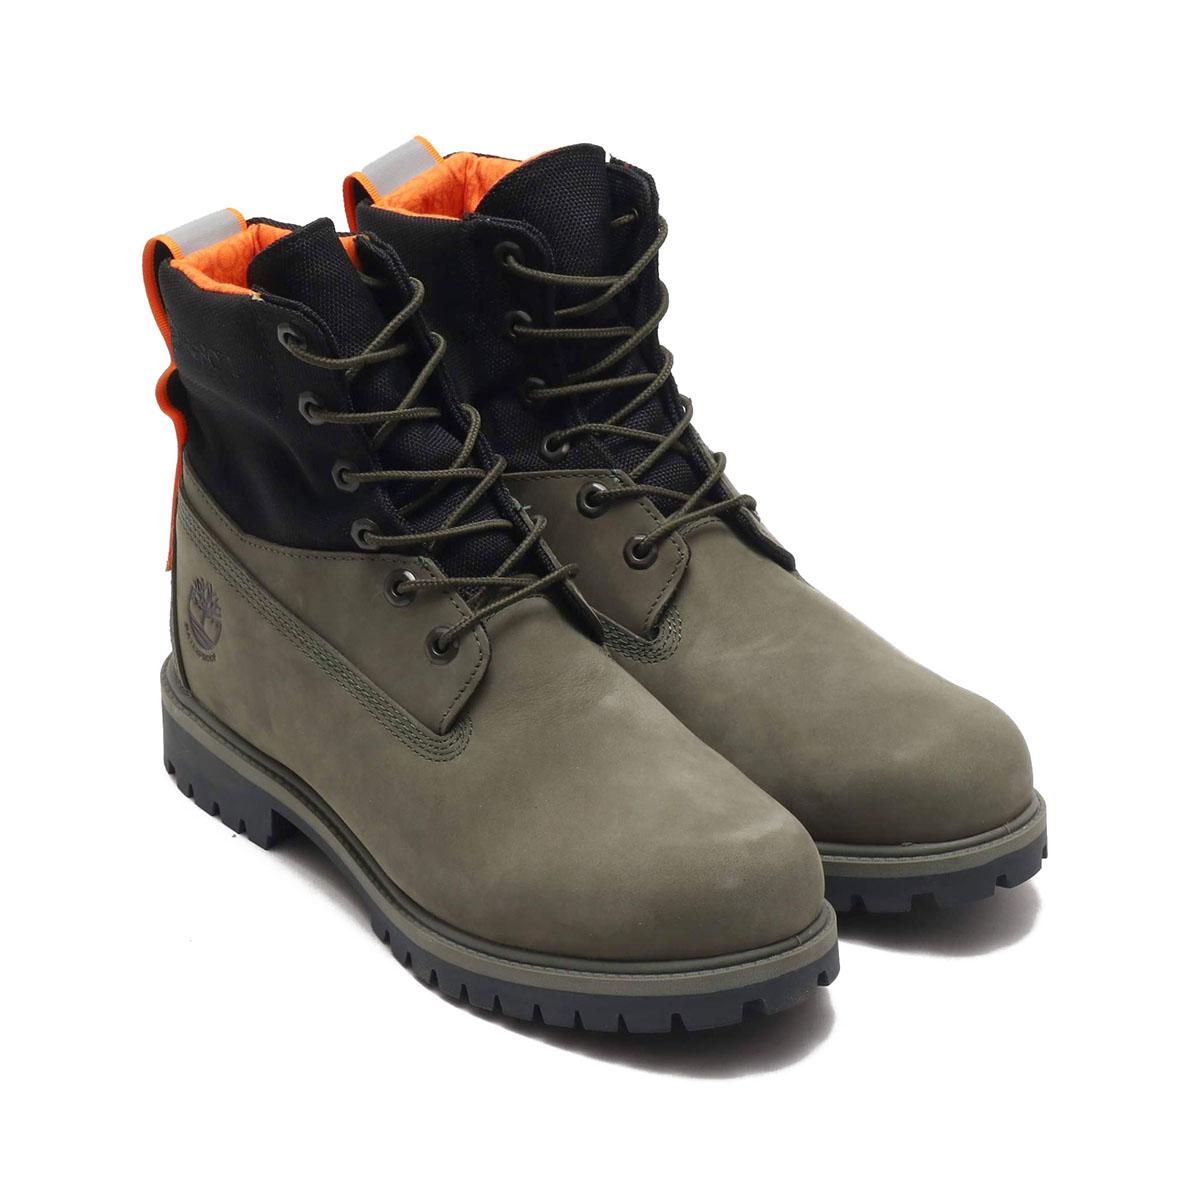 Timberland 6in TREADLIGHT WP Boots(ティバンーランド 6インチ トレッドライト ウォータープルーフ ブーツ)Dark Green【メンズ ブーツ】20SS-S